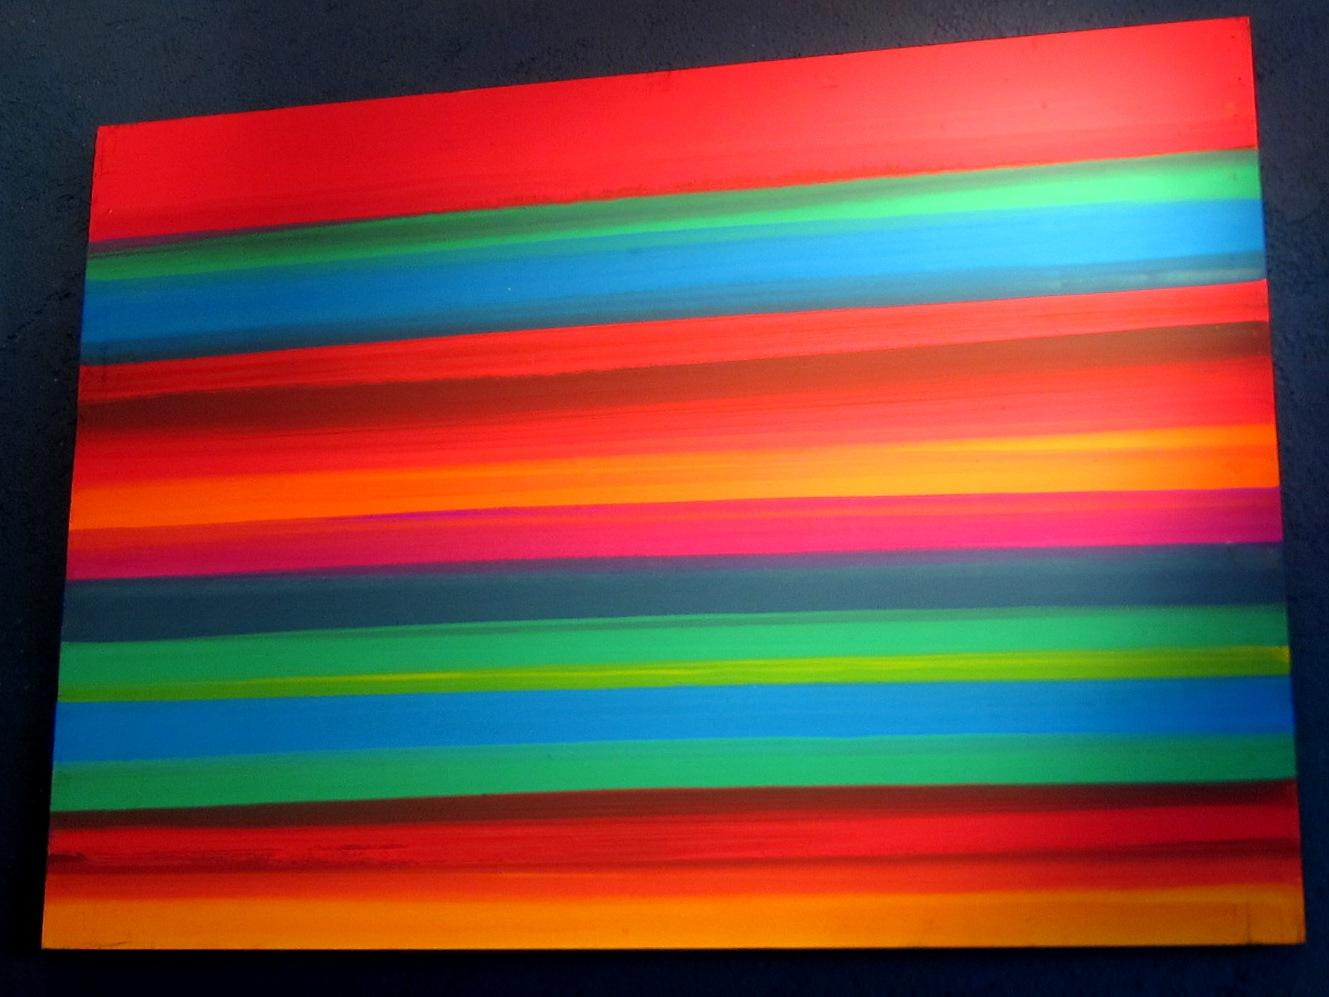 2074)「小坂英一 展 LINE ~あじわいのある線への挑戦~」カフェエスキス 5月2日(木)~5月28日(火)  _f0126829_9255273.jpg